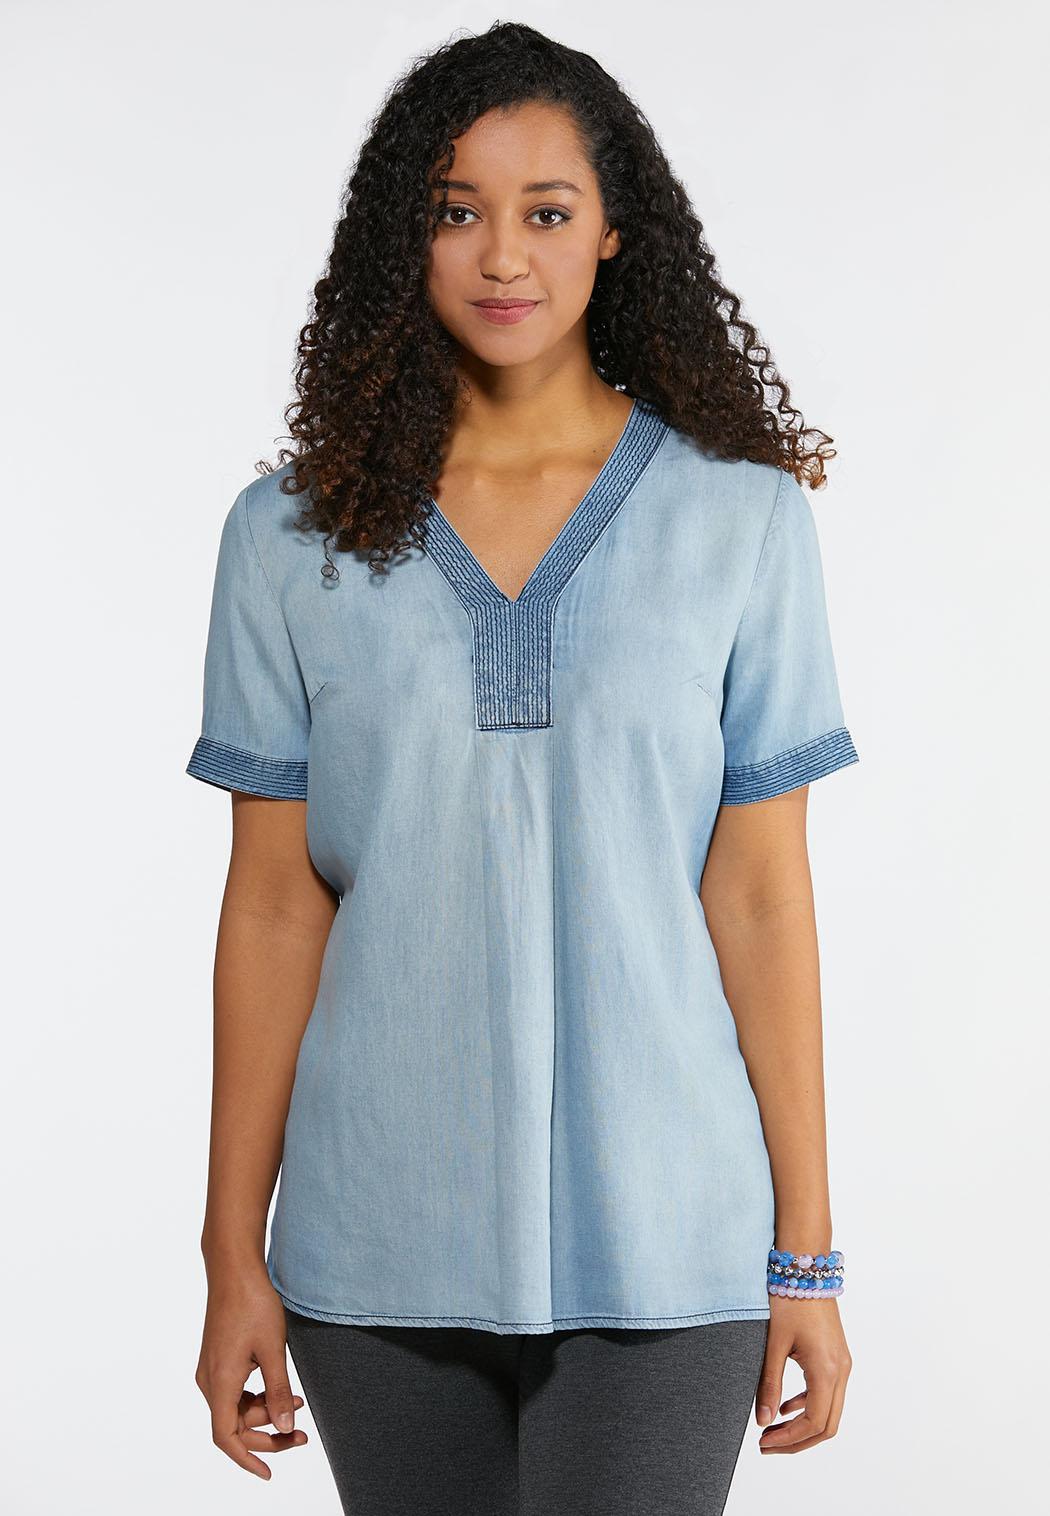 a38030cd Plus Size Women's Denim Shirts